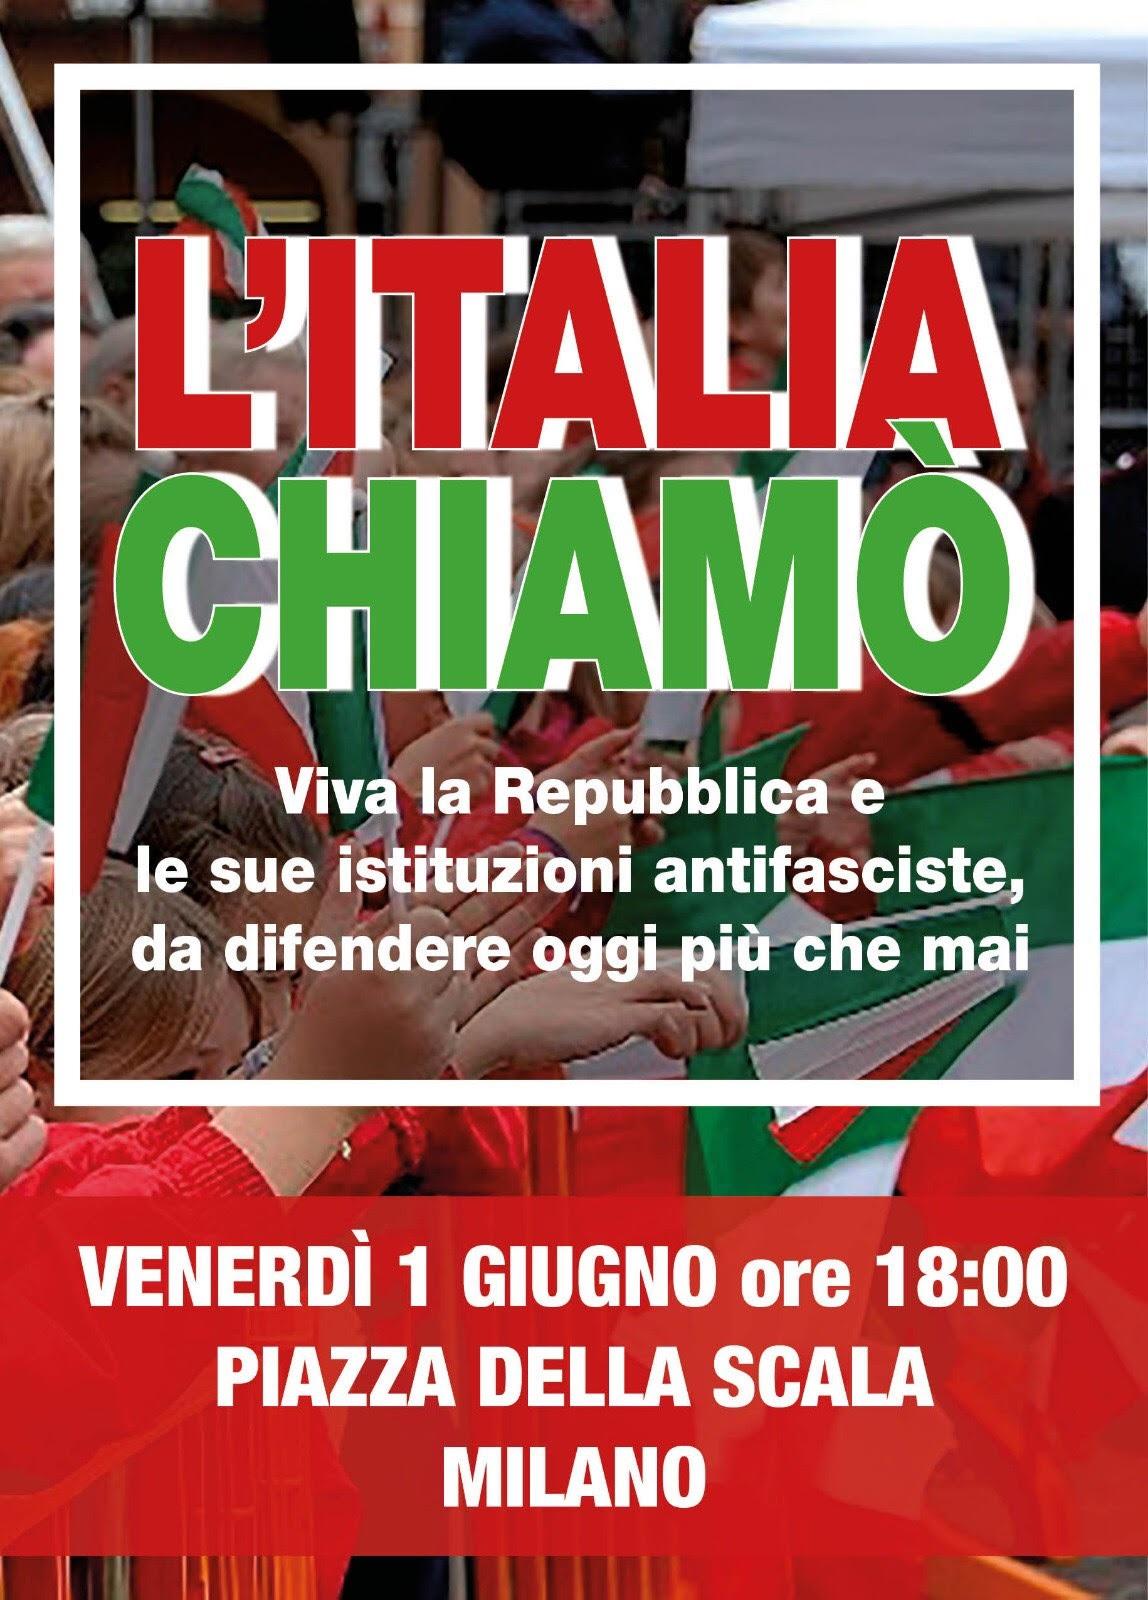 Manifestazione a Milano venerdì 1 giugno ore 18